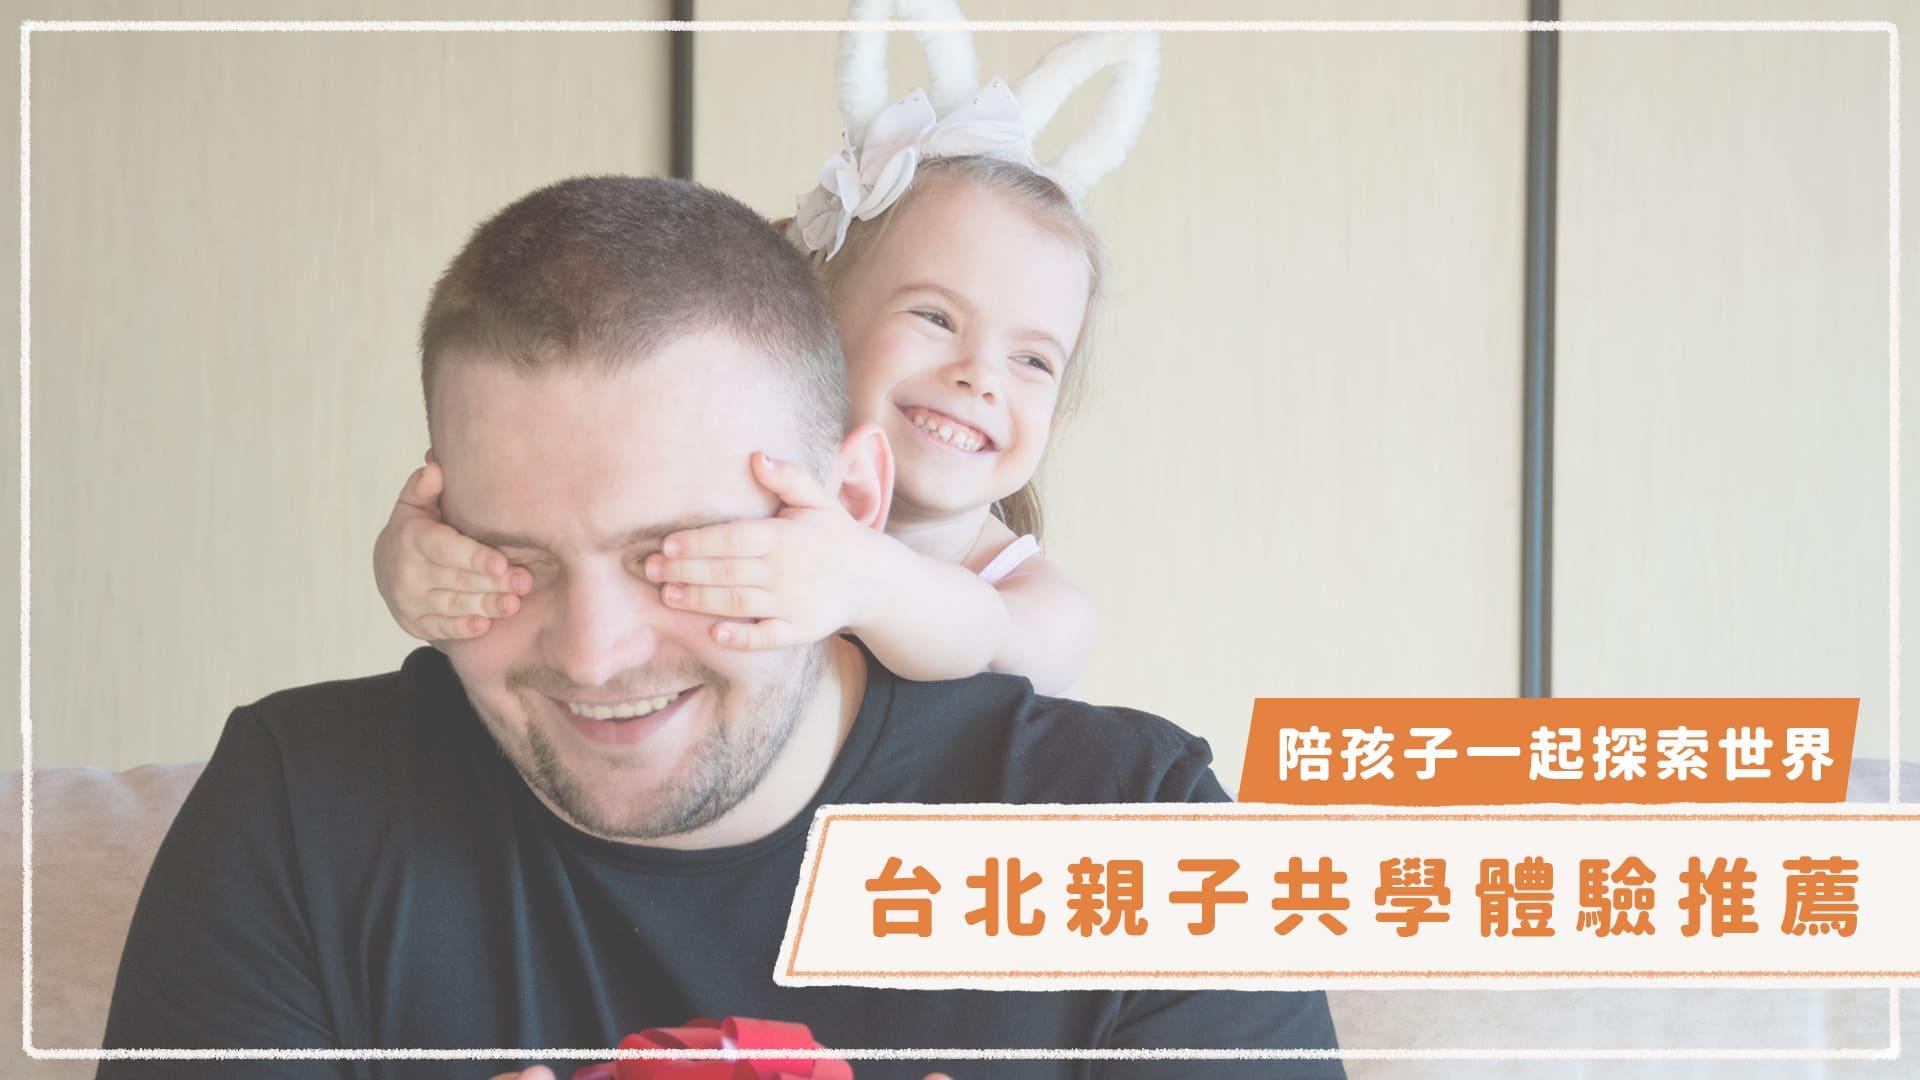 台北【親子共學、共玩】體驗推薦:陪著孩子一起探索世界!